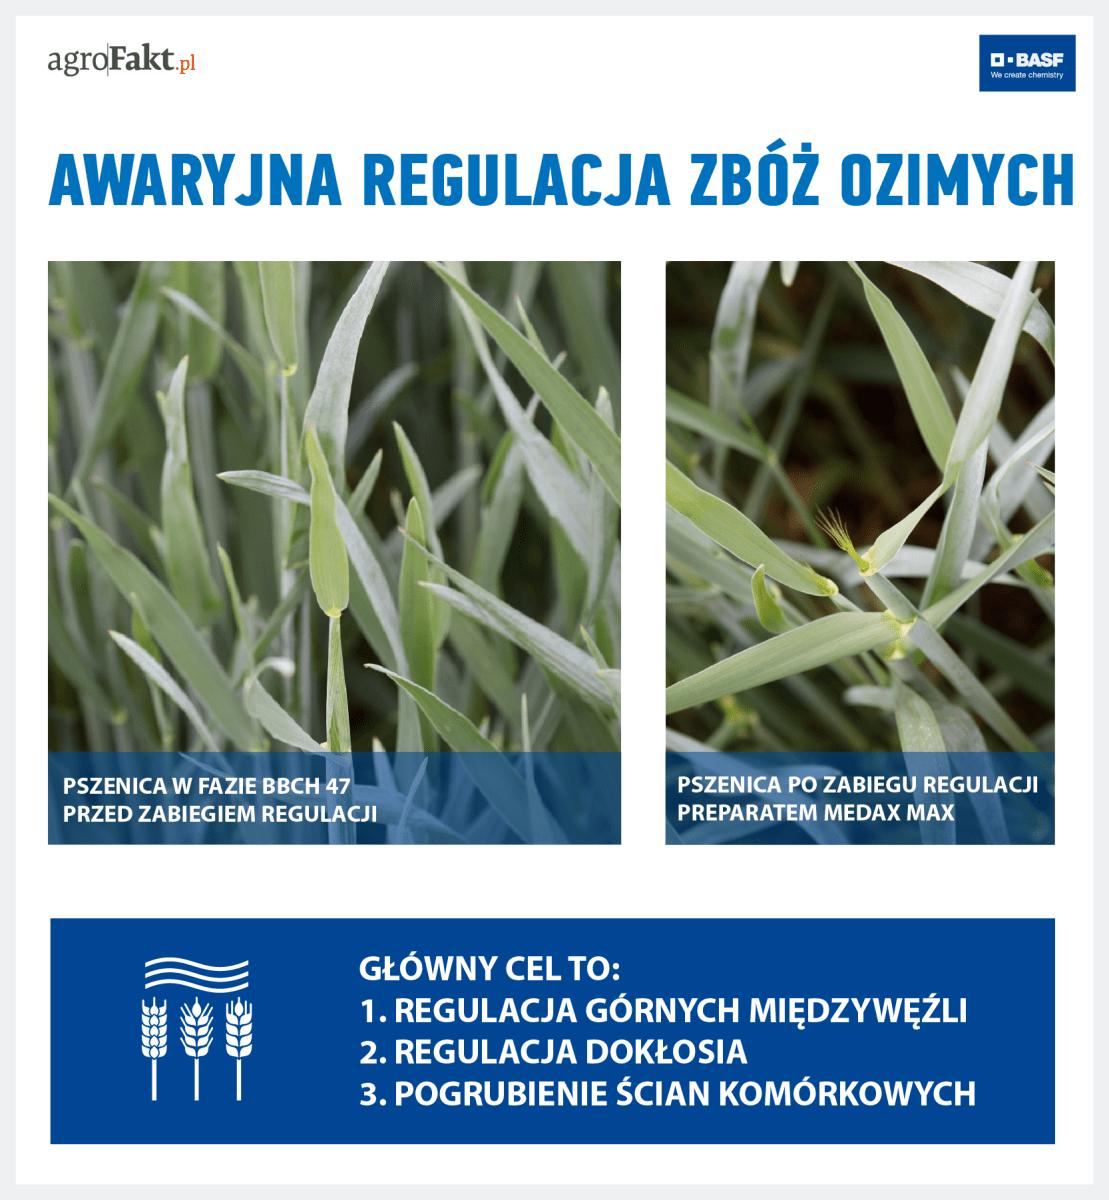 regulacja zbóż ozimych